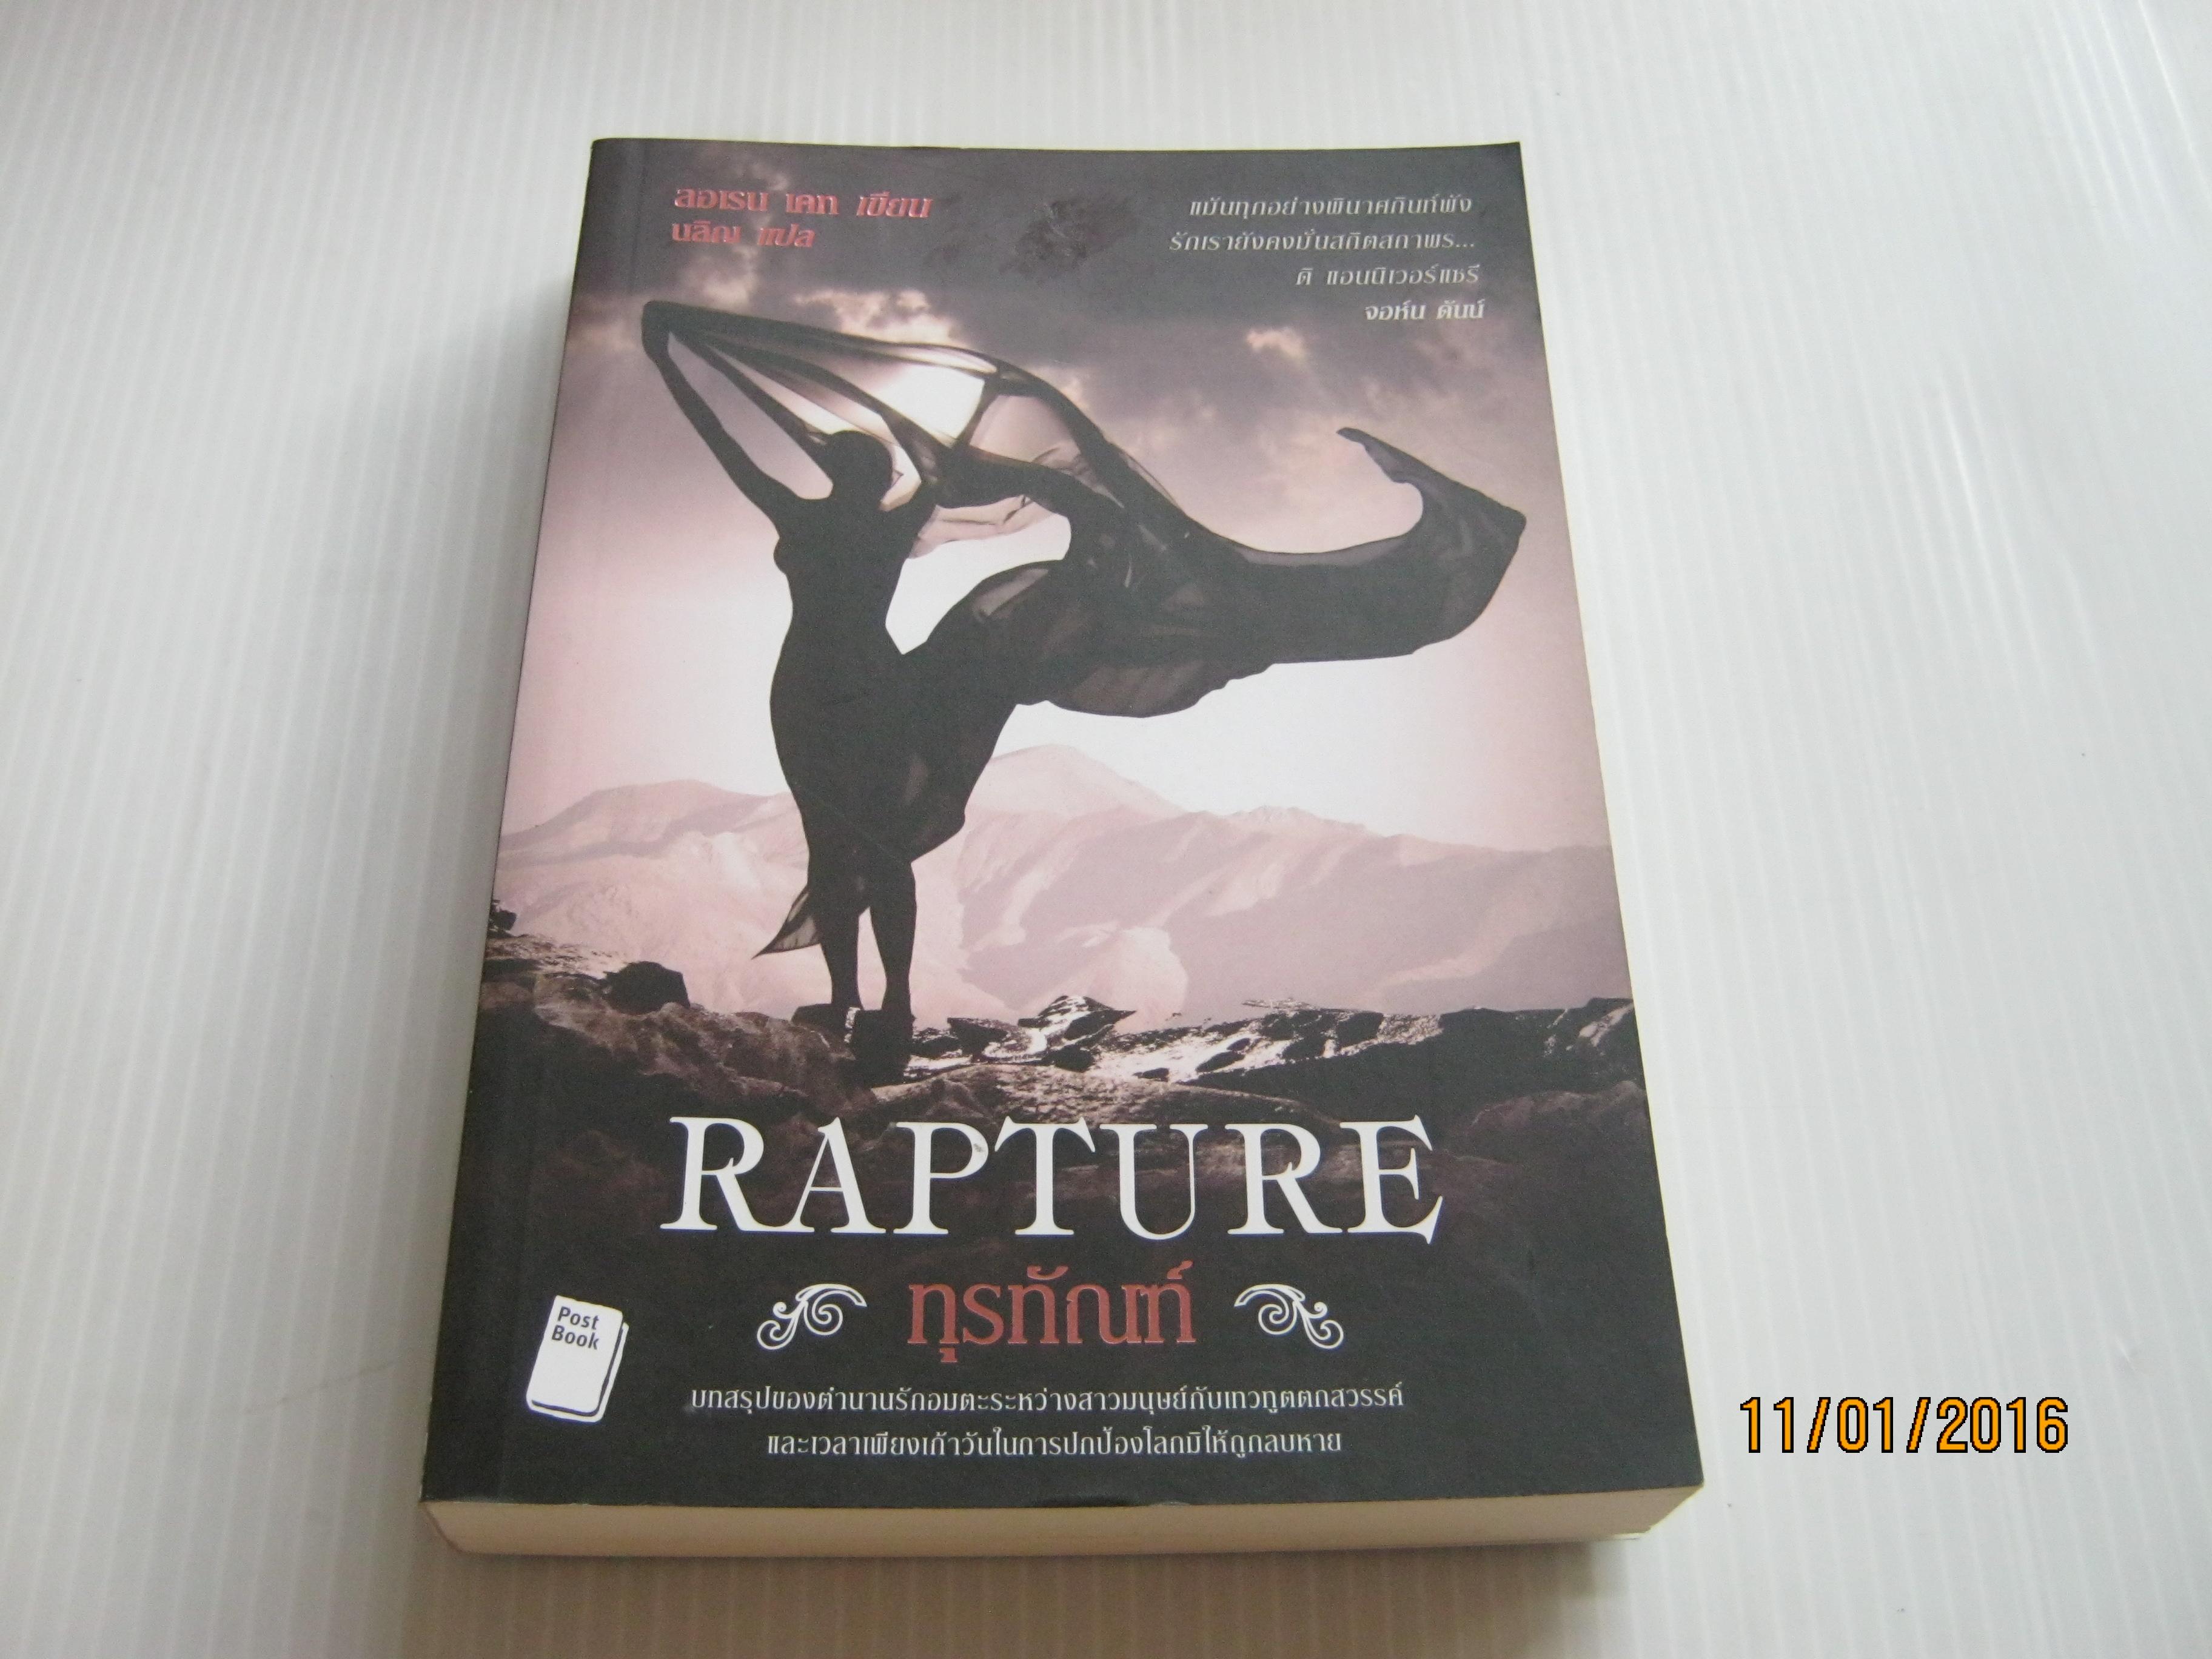 ทุรทัณฑ์ (Rapture) ลอเรน เคท เขียน นลิณ แปล